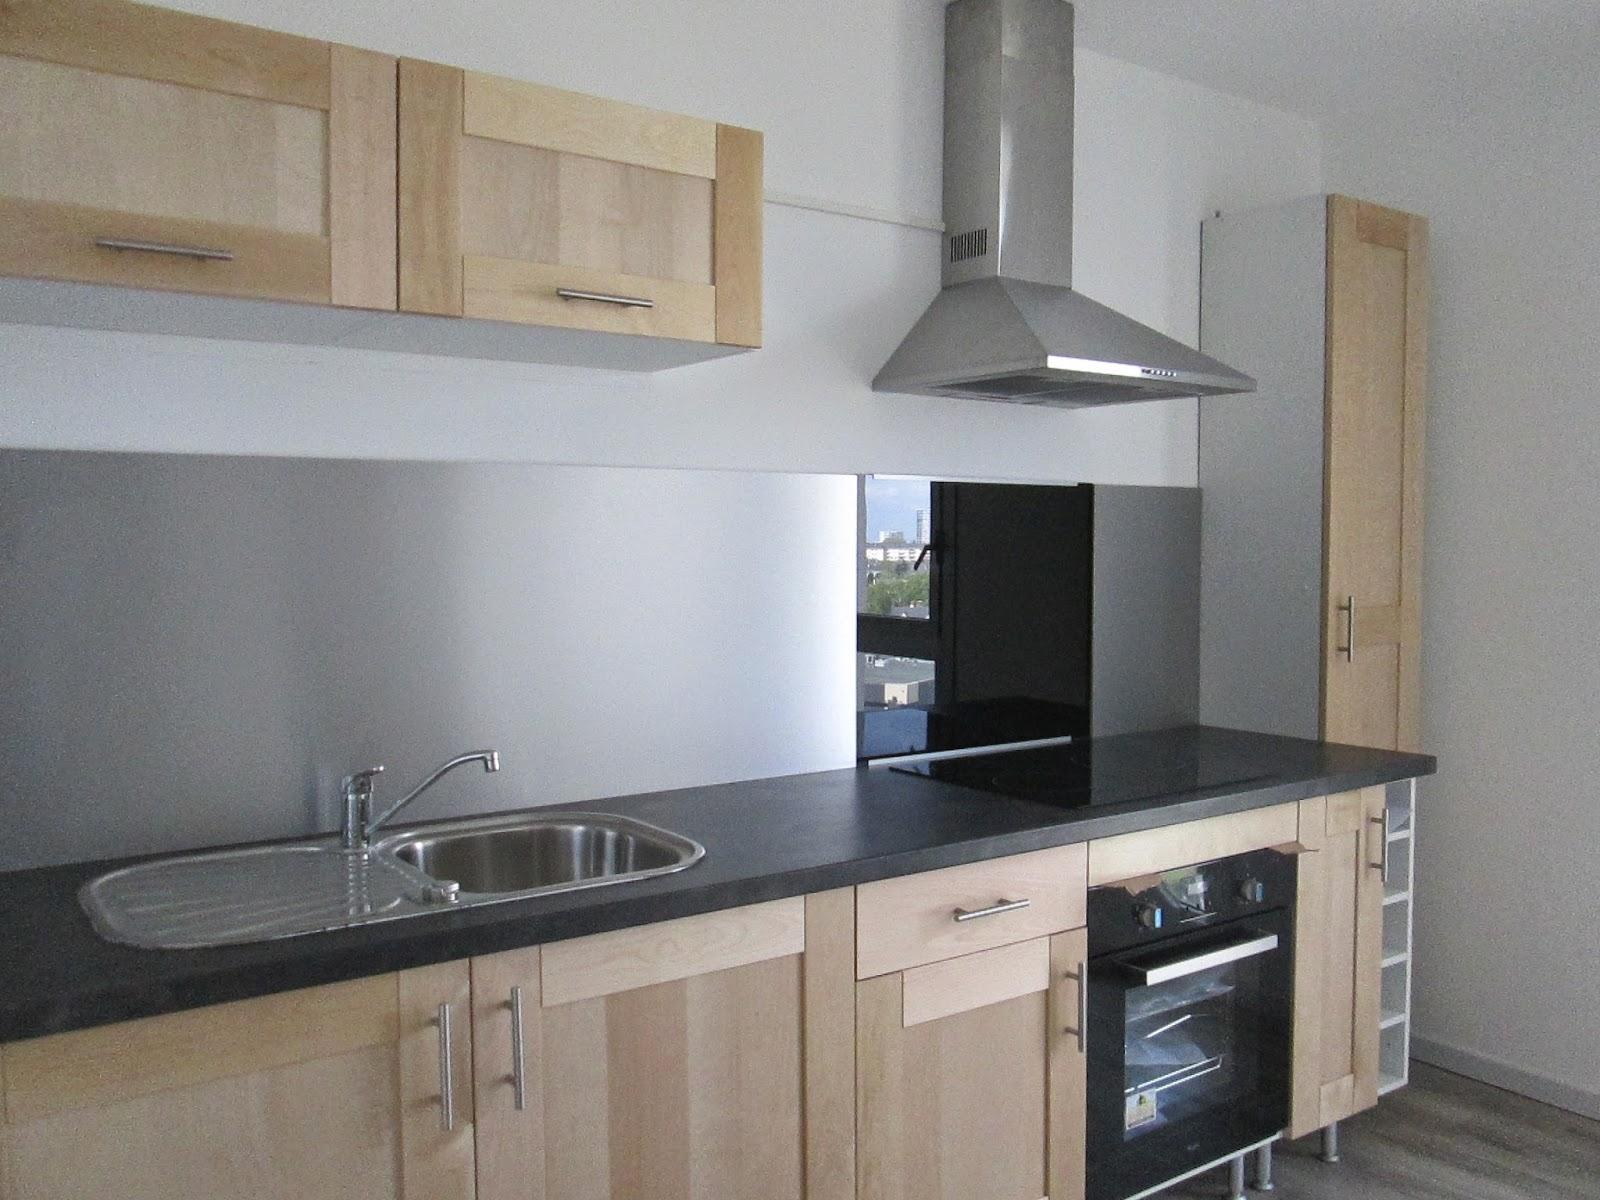 pose plaque induction sur plan de travail. Black Bedroom Furniture Sets. Home Design Ideas